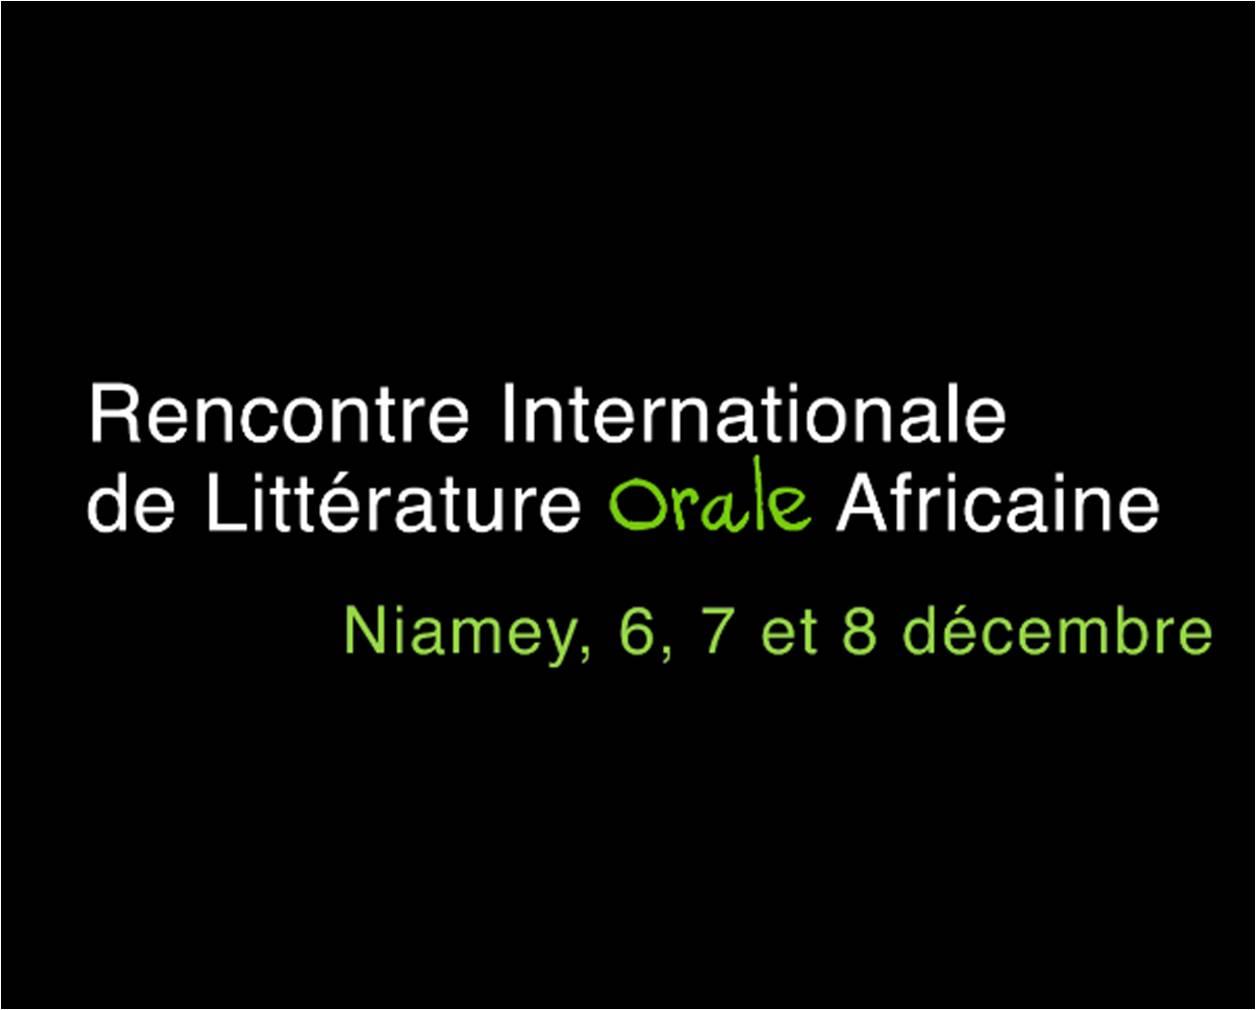 Site rencontre internationale gratuit - Dimanche des Curieux